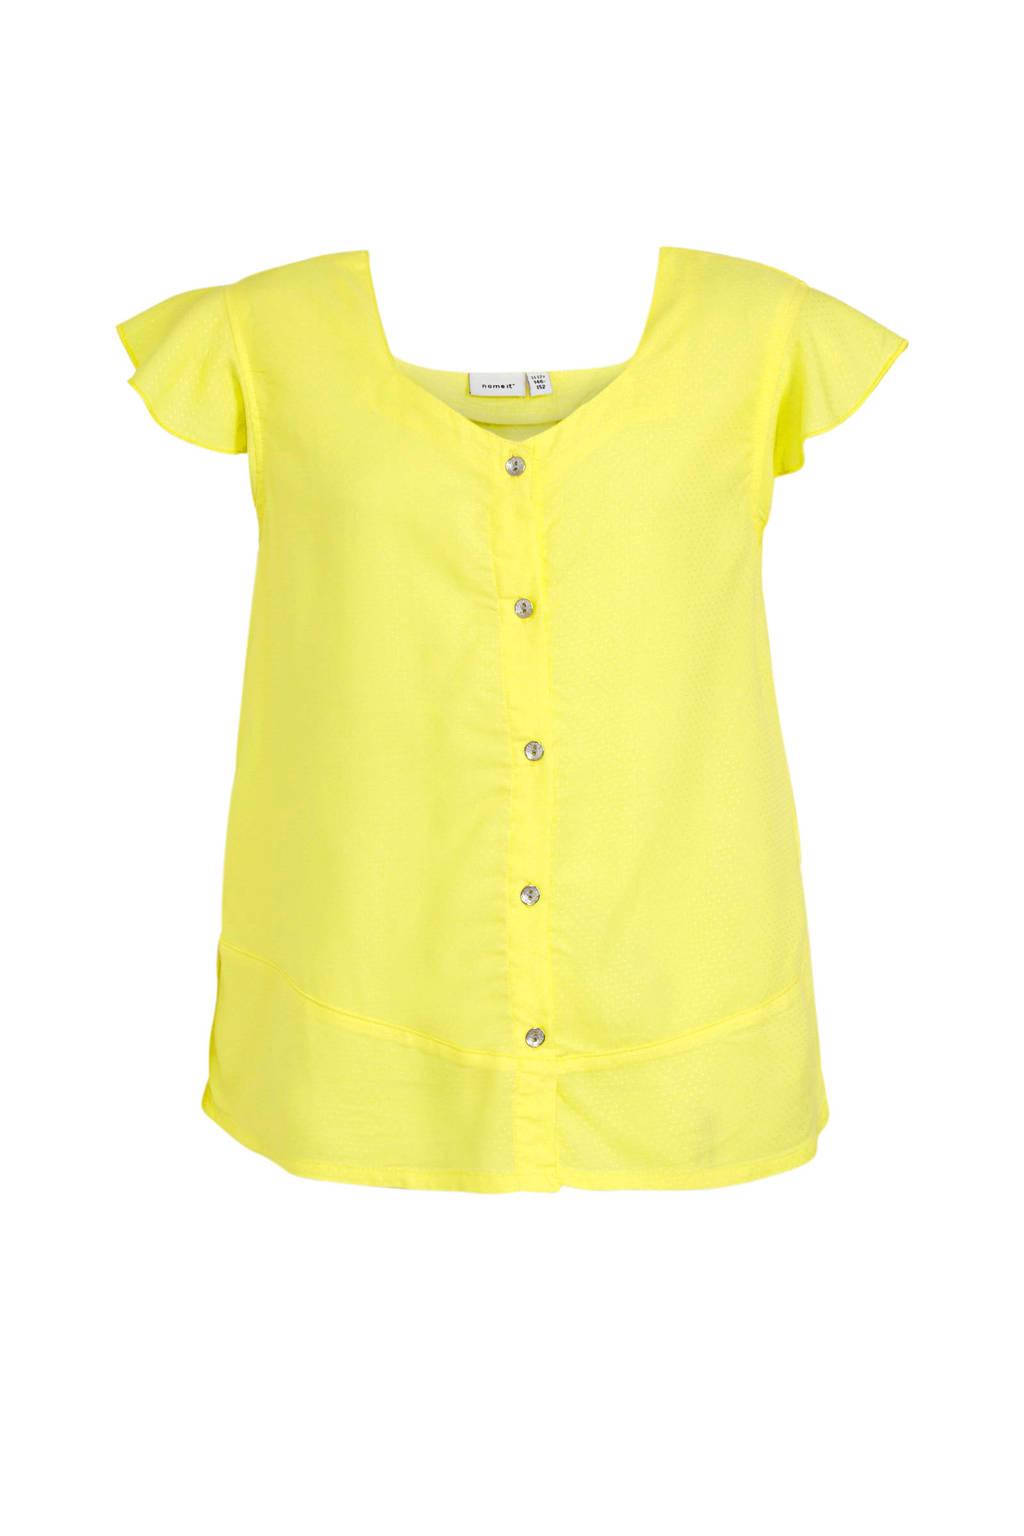 NAME IT KIDS T-shirt Haysha met ruches geel, Geel